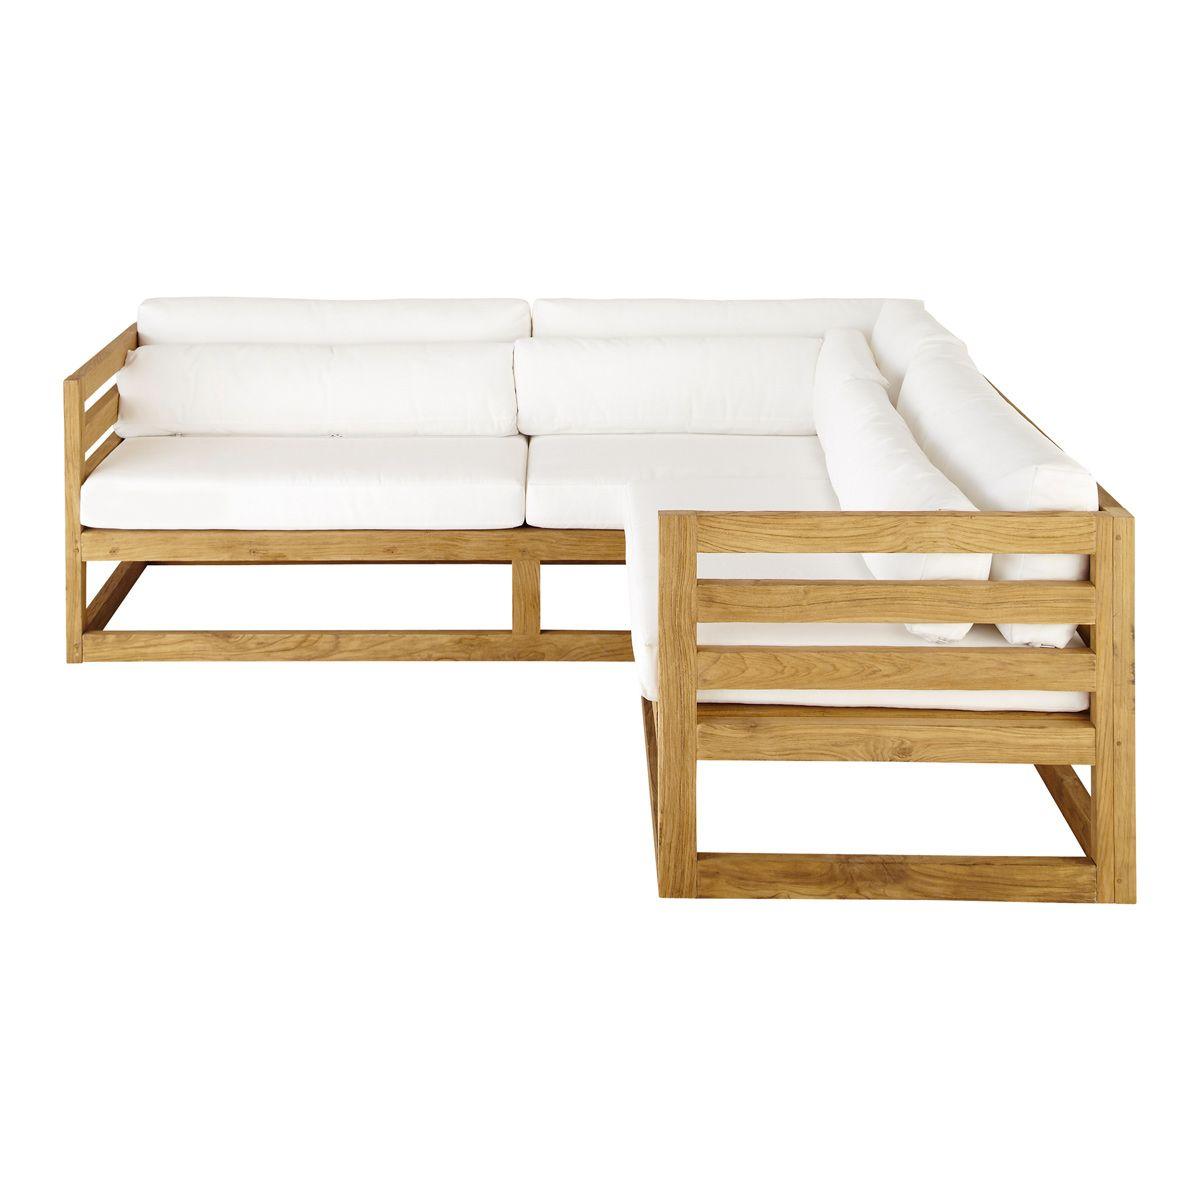 3/4 seater teak garden corner sofa | Teak, Corner and Garden sofa